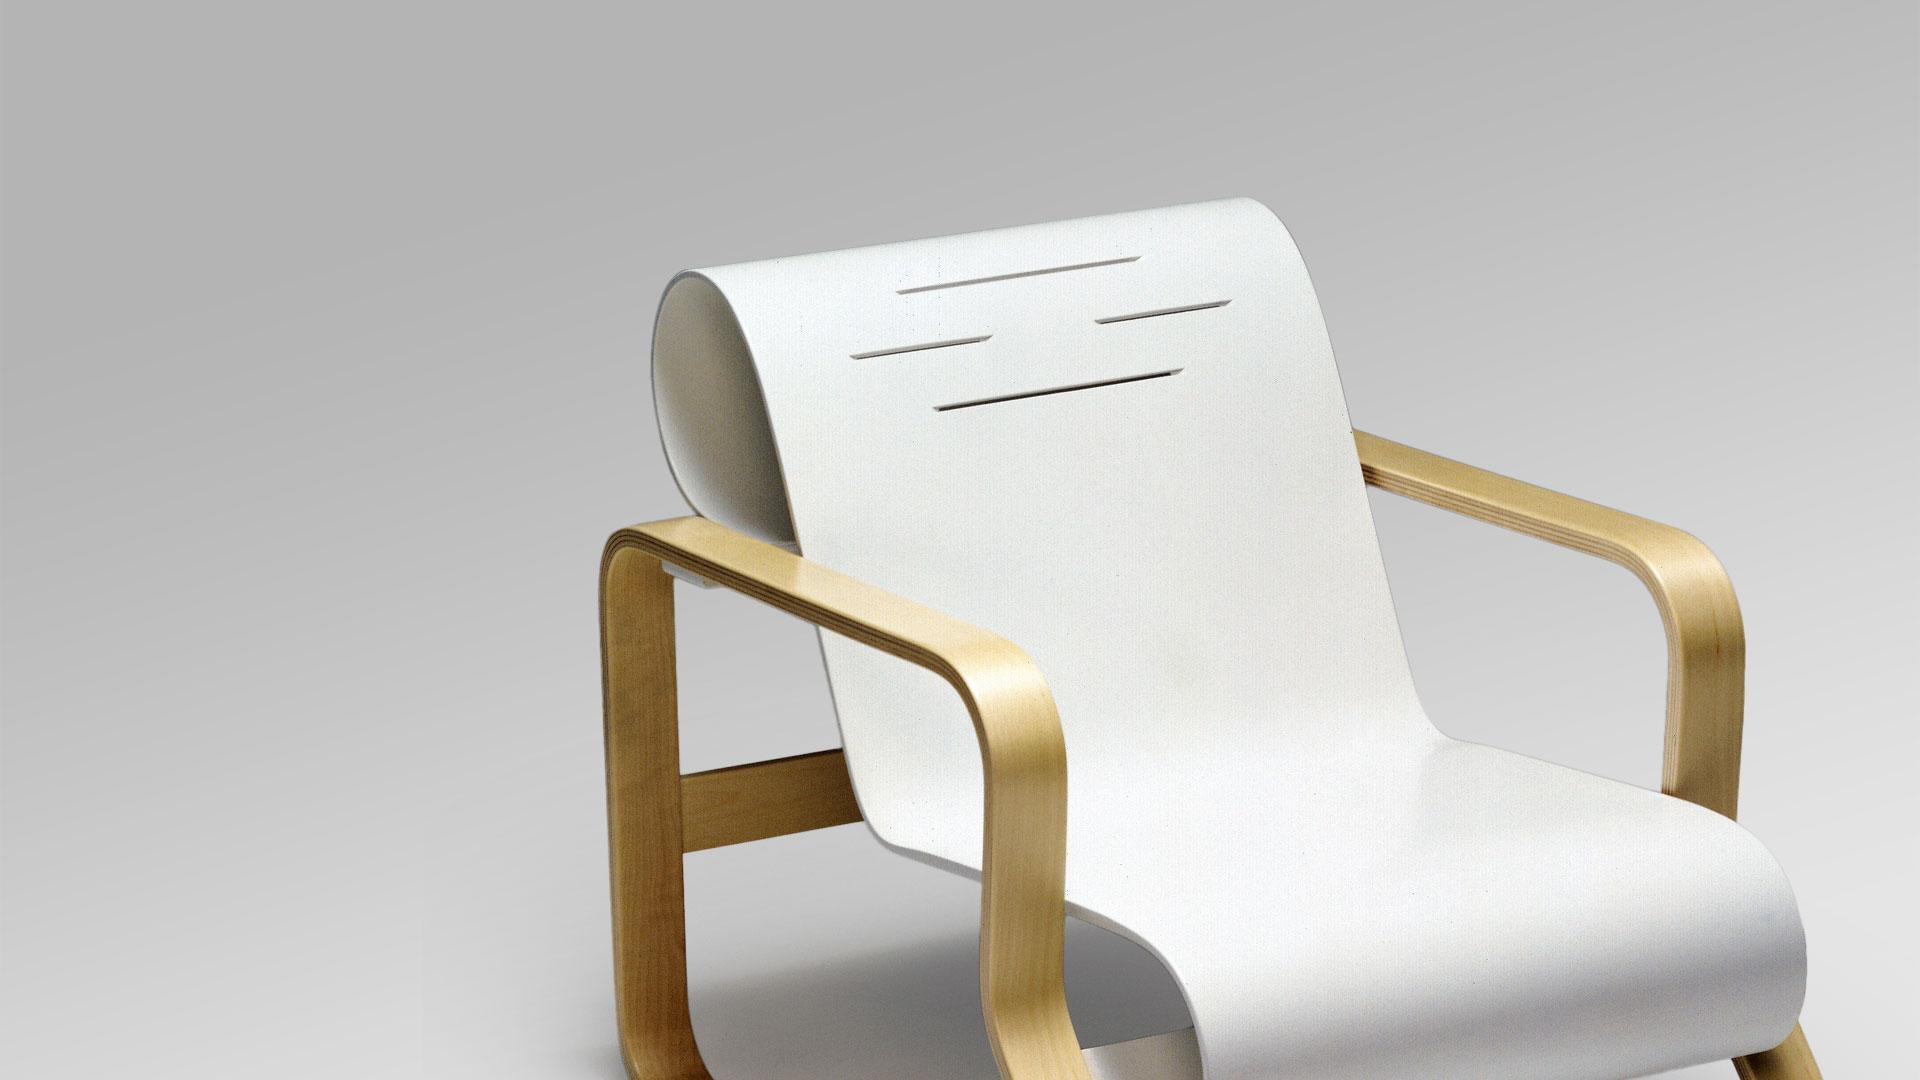 Sedie di design poltrone arredamento danese milano for Sedie design danese